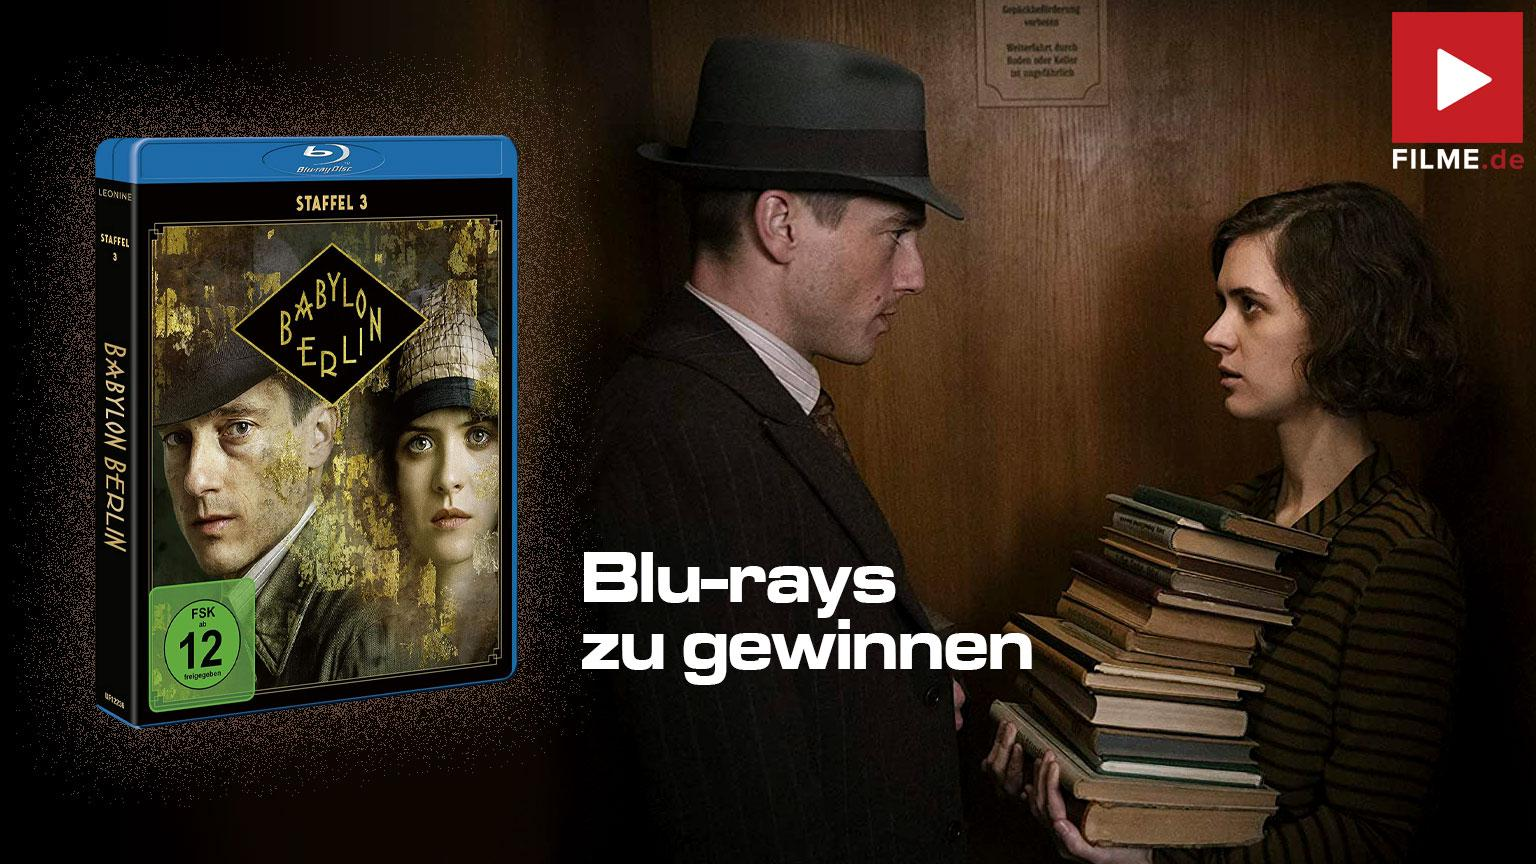 Babylon Berlin Stffel 3 Gewinnspiel gewinnen Blu-ray DVD shop kaufen Artikelbild